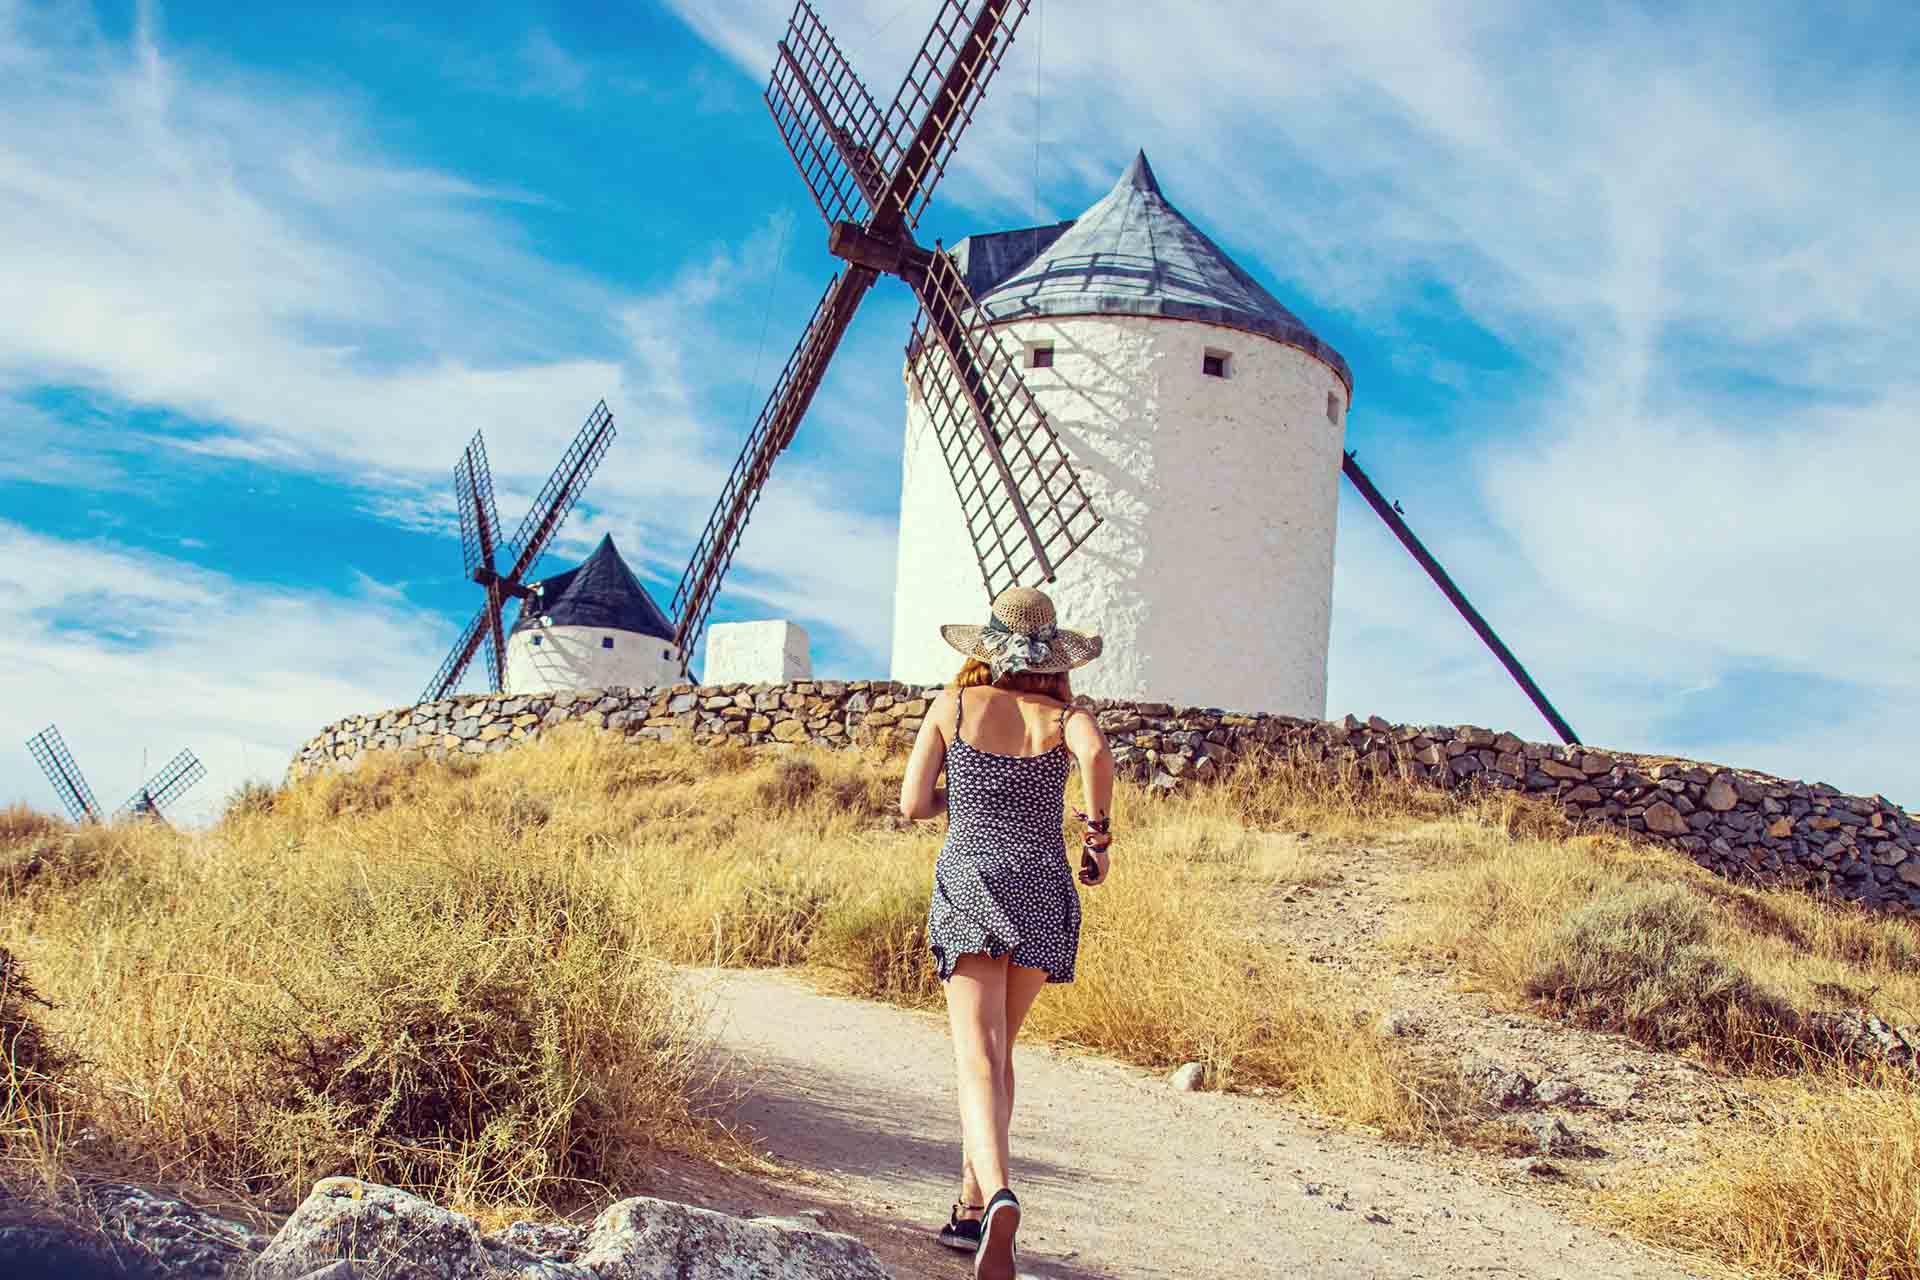 Así es el Bono Turístico de Castilla-La Mancha: descuentos en el alojamiento